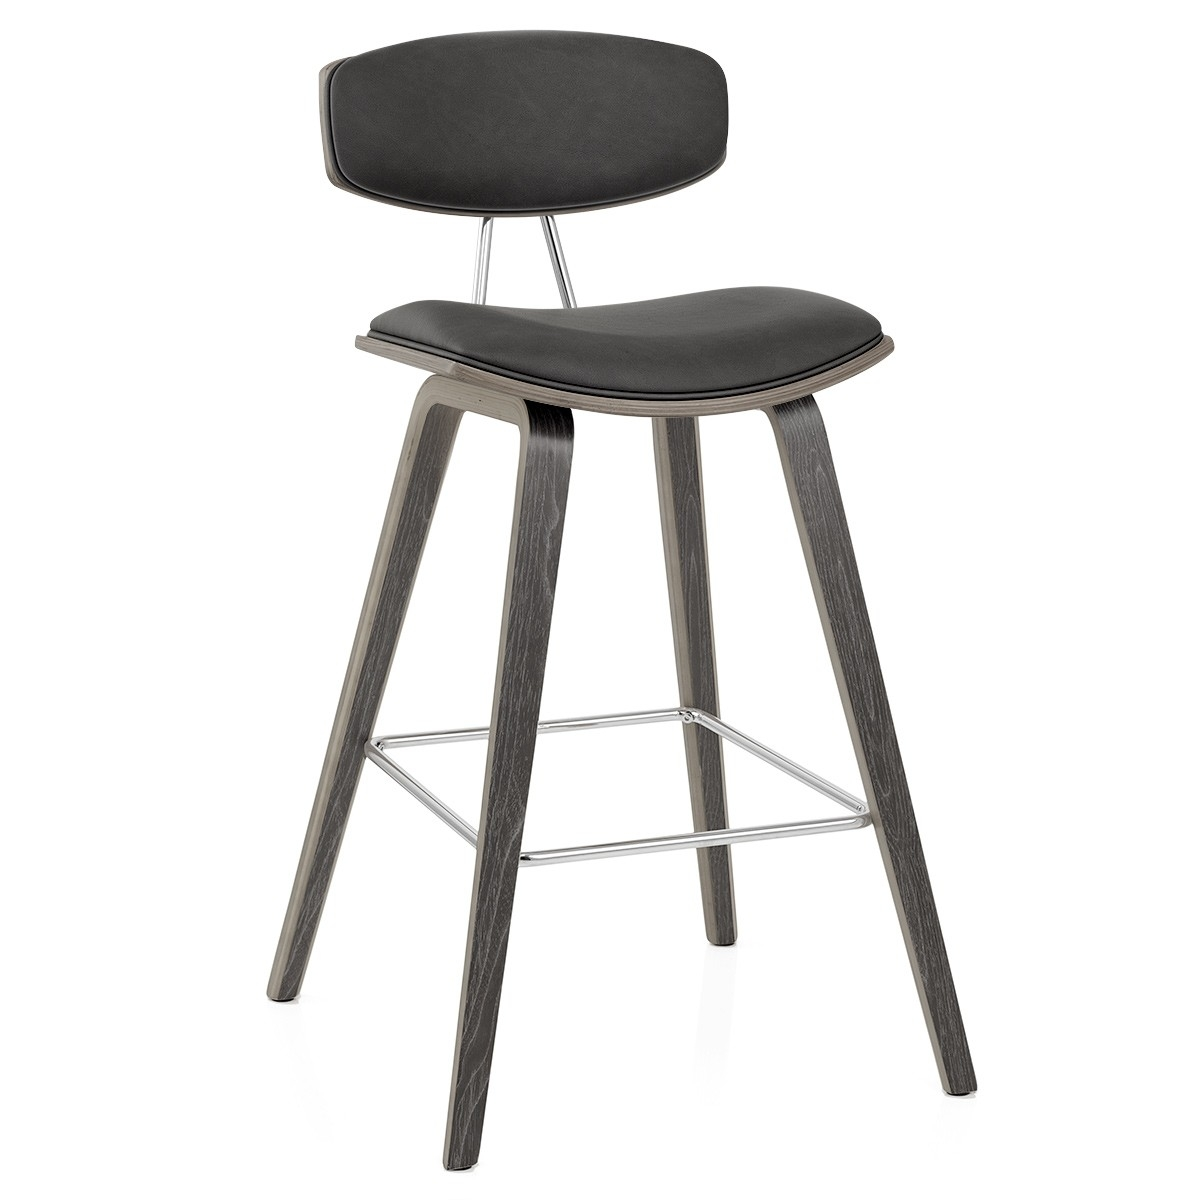 chaise de bar bois frais tabouret bois conforama elegant affordable tabouret de bar tabouret de. Black Bedroom Furniture Sets. Home Design Ideas